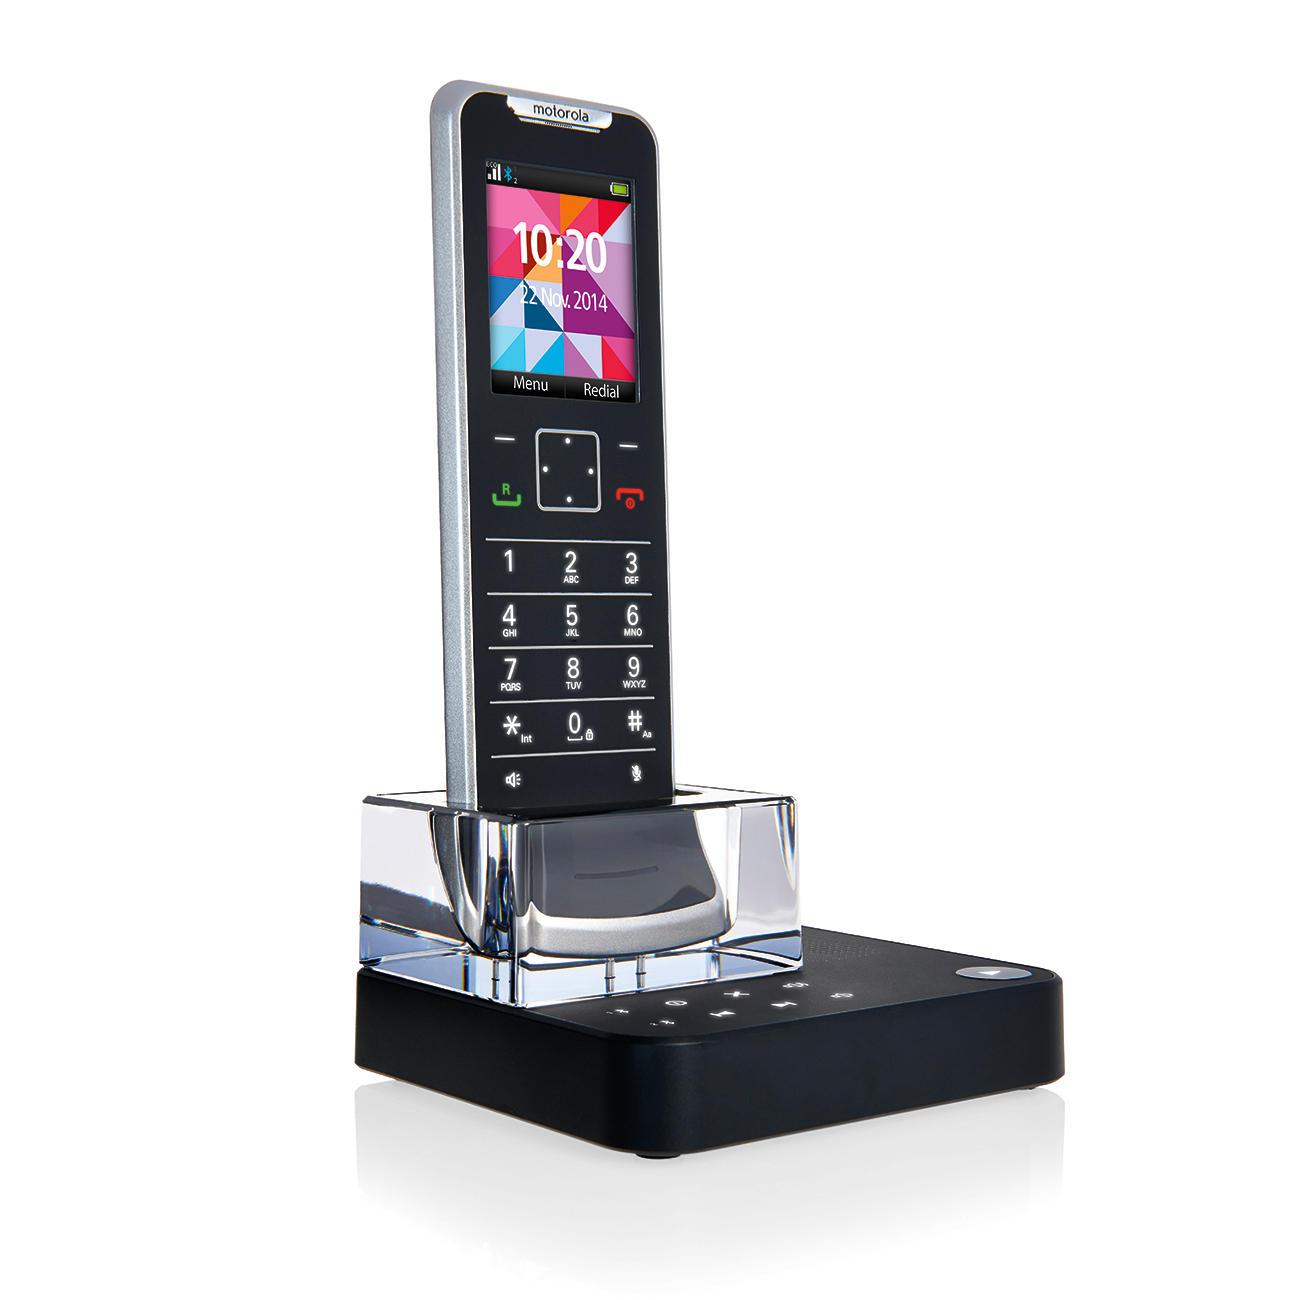 motorola design telefon it 6t mit anrufbeantworter kaufen. Black Bedroom Furniture Sets. Home Design Ideas